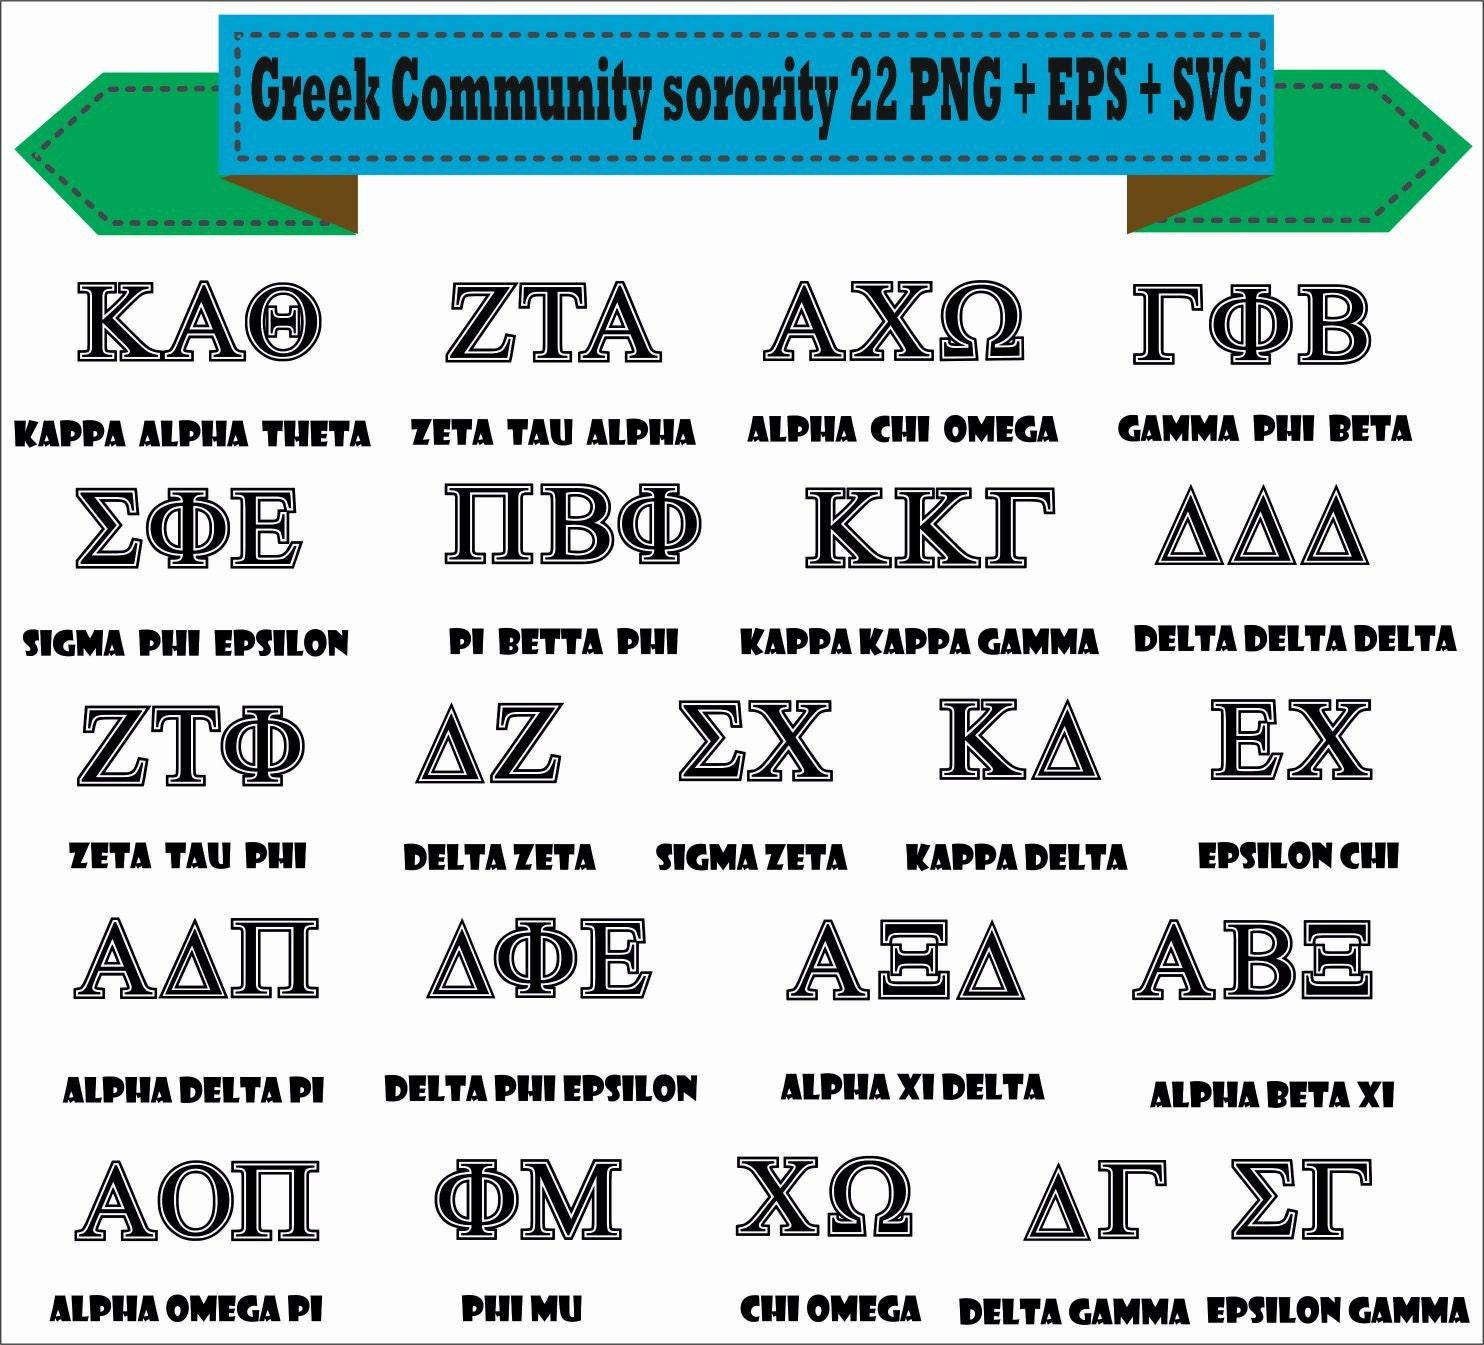 Alphabet Community Sorority Symbol House Greek Play Pack Etsy